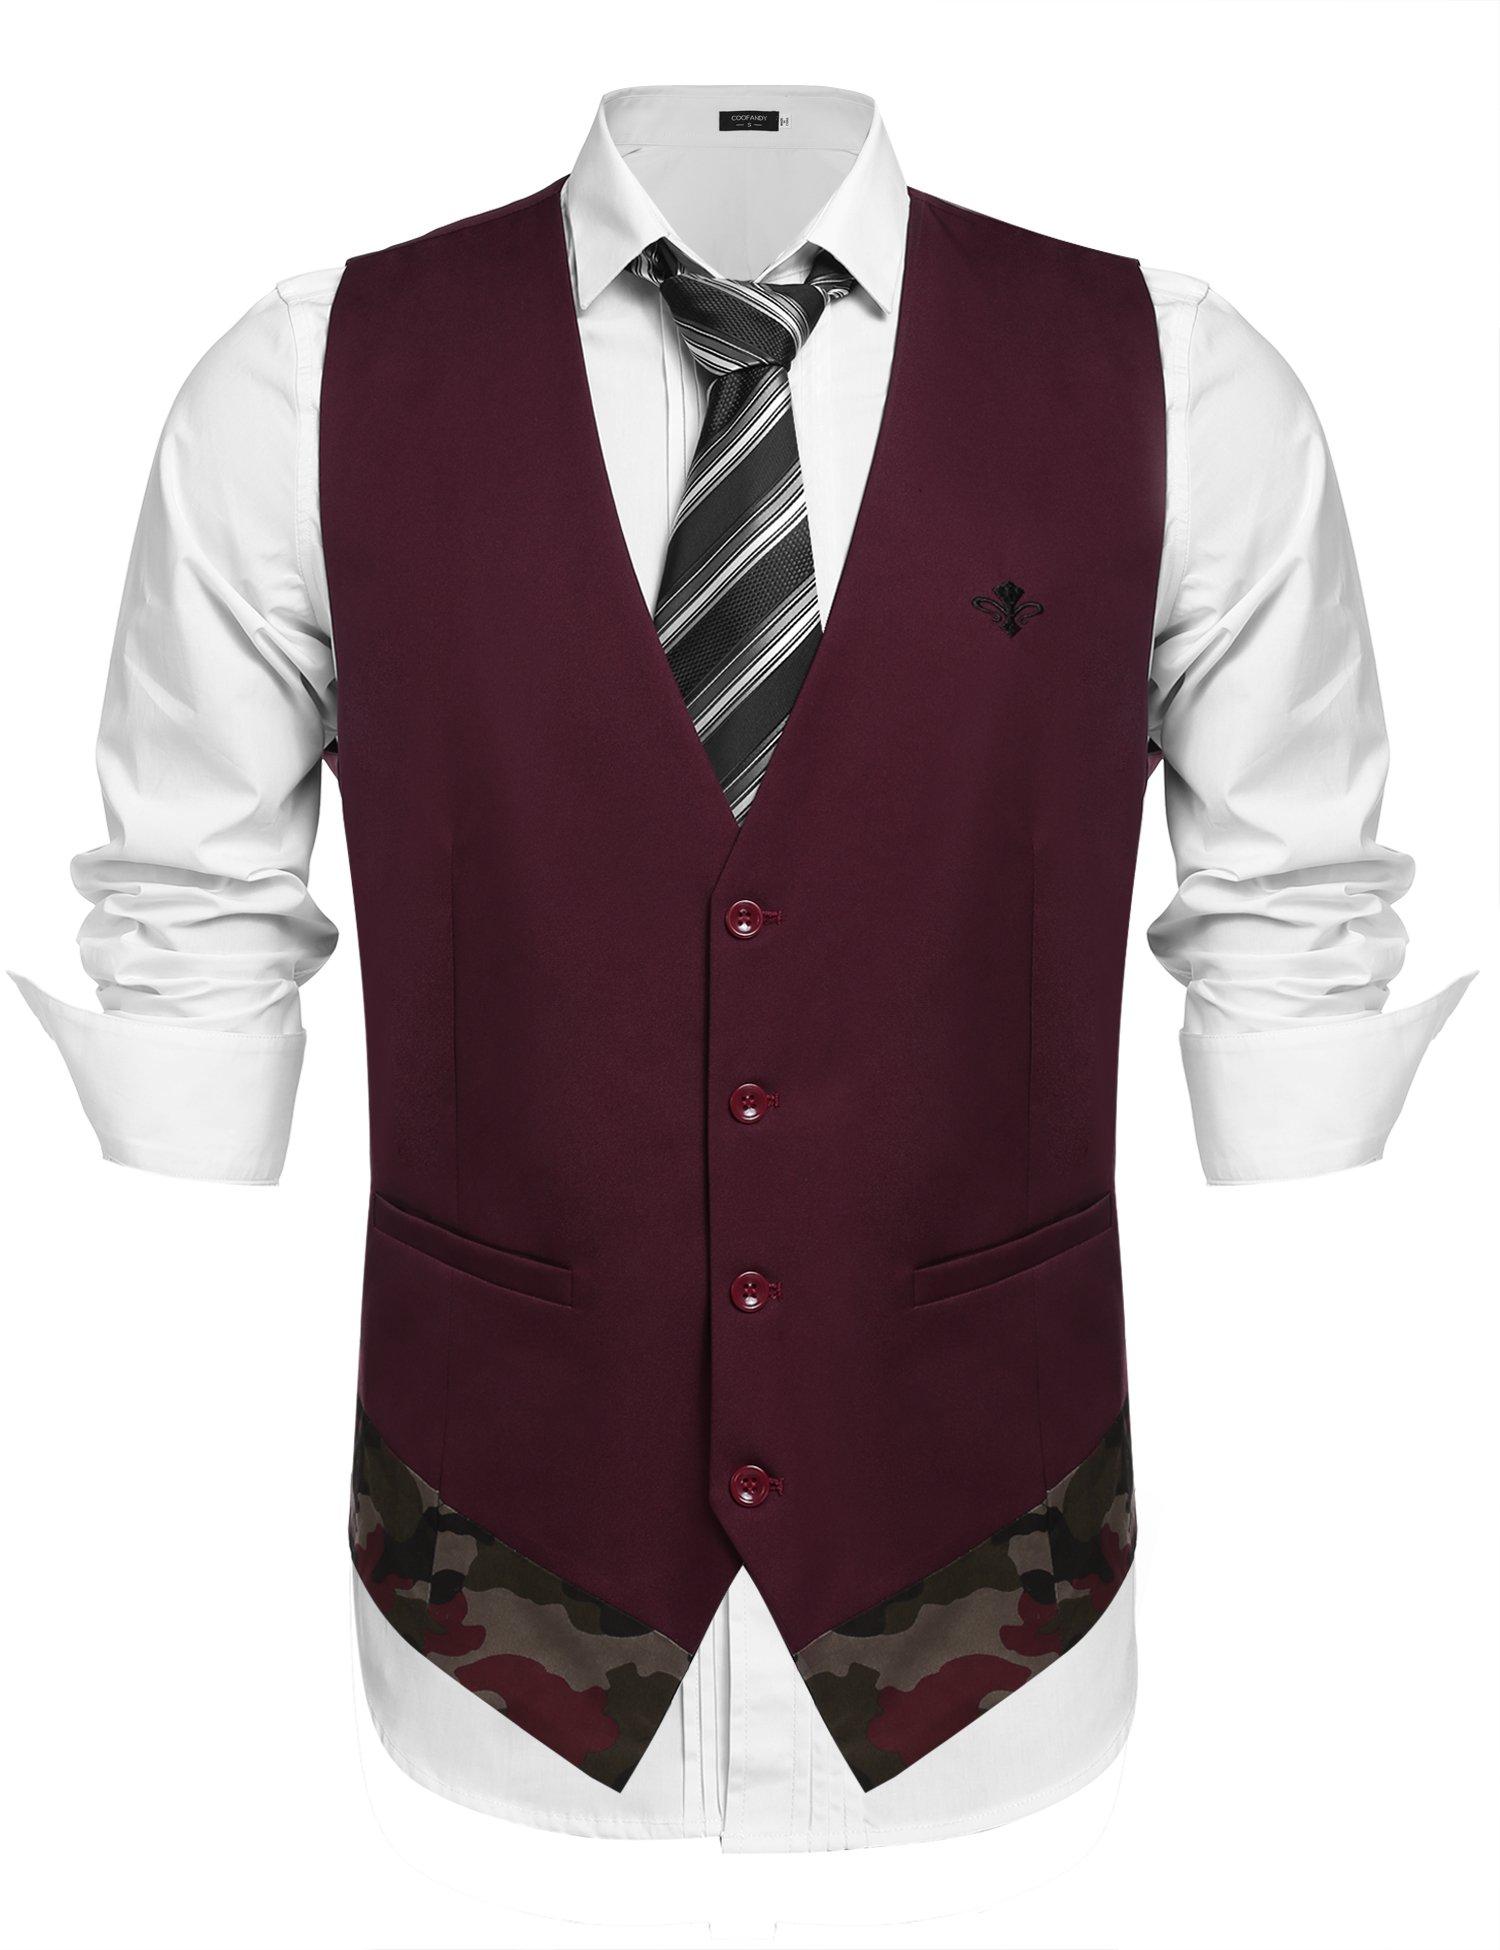 COOFANDY Men's Suit Vest Business Dress Waistcoat Vest with 2 Pockets for Suit Tuxedo